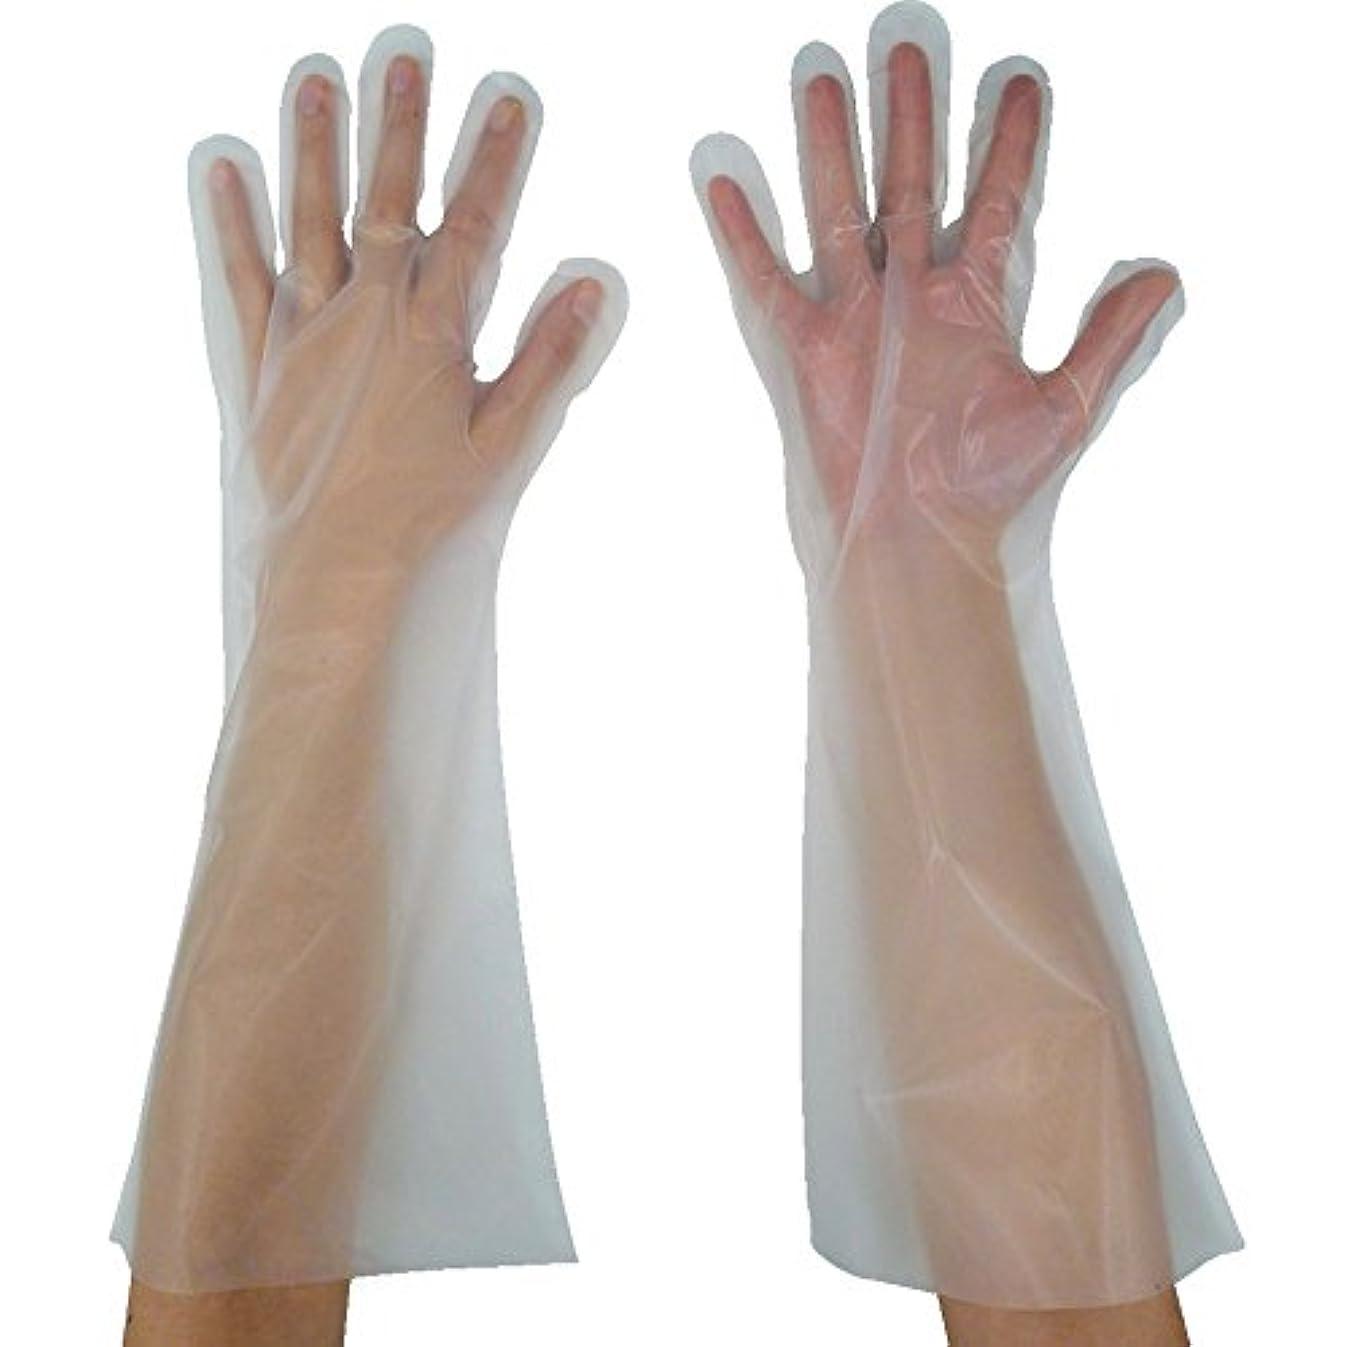 最近失う化合物東京パック 緊急災害対策用手袋ロング五本絞りL 半透明 KL-L ポリエチレン使い捨て手袋